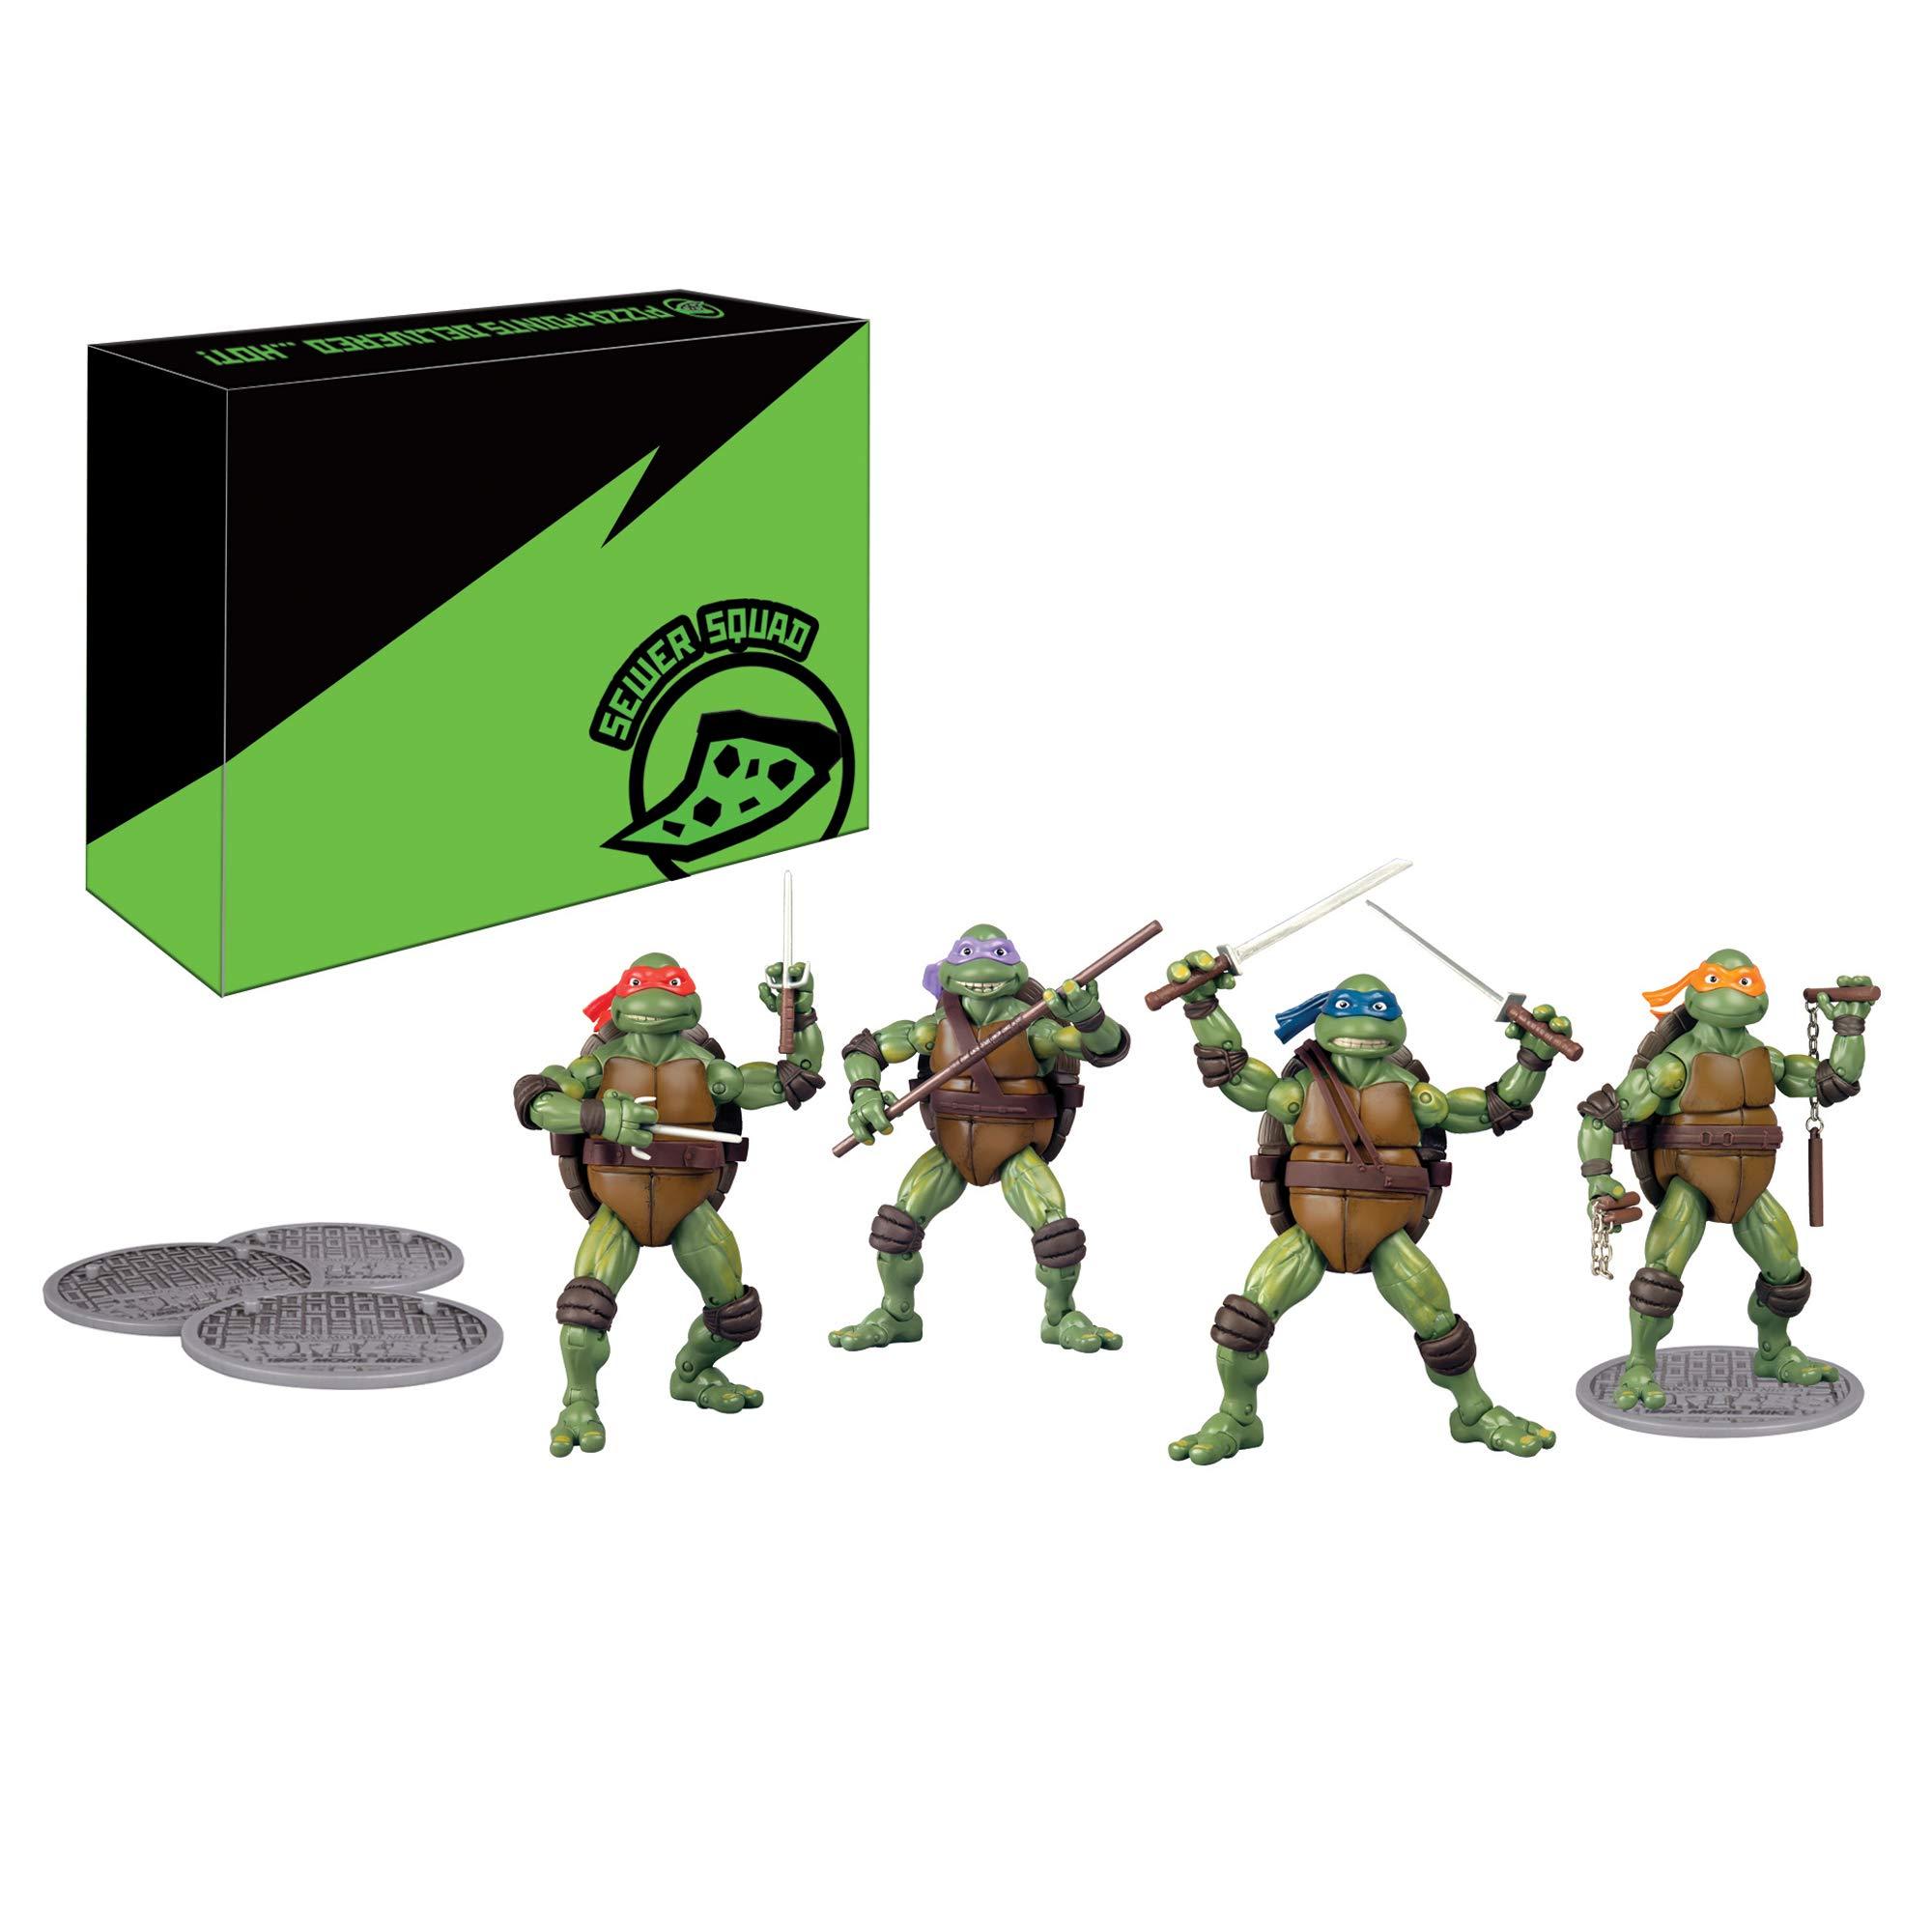 Teenage Mutant Ninja Turtles TMNT Classic MovieFigure 4pc Set